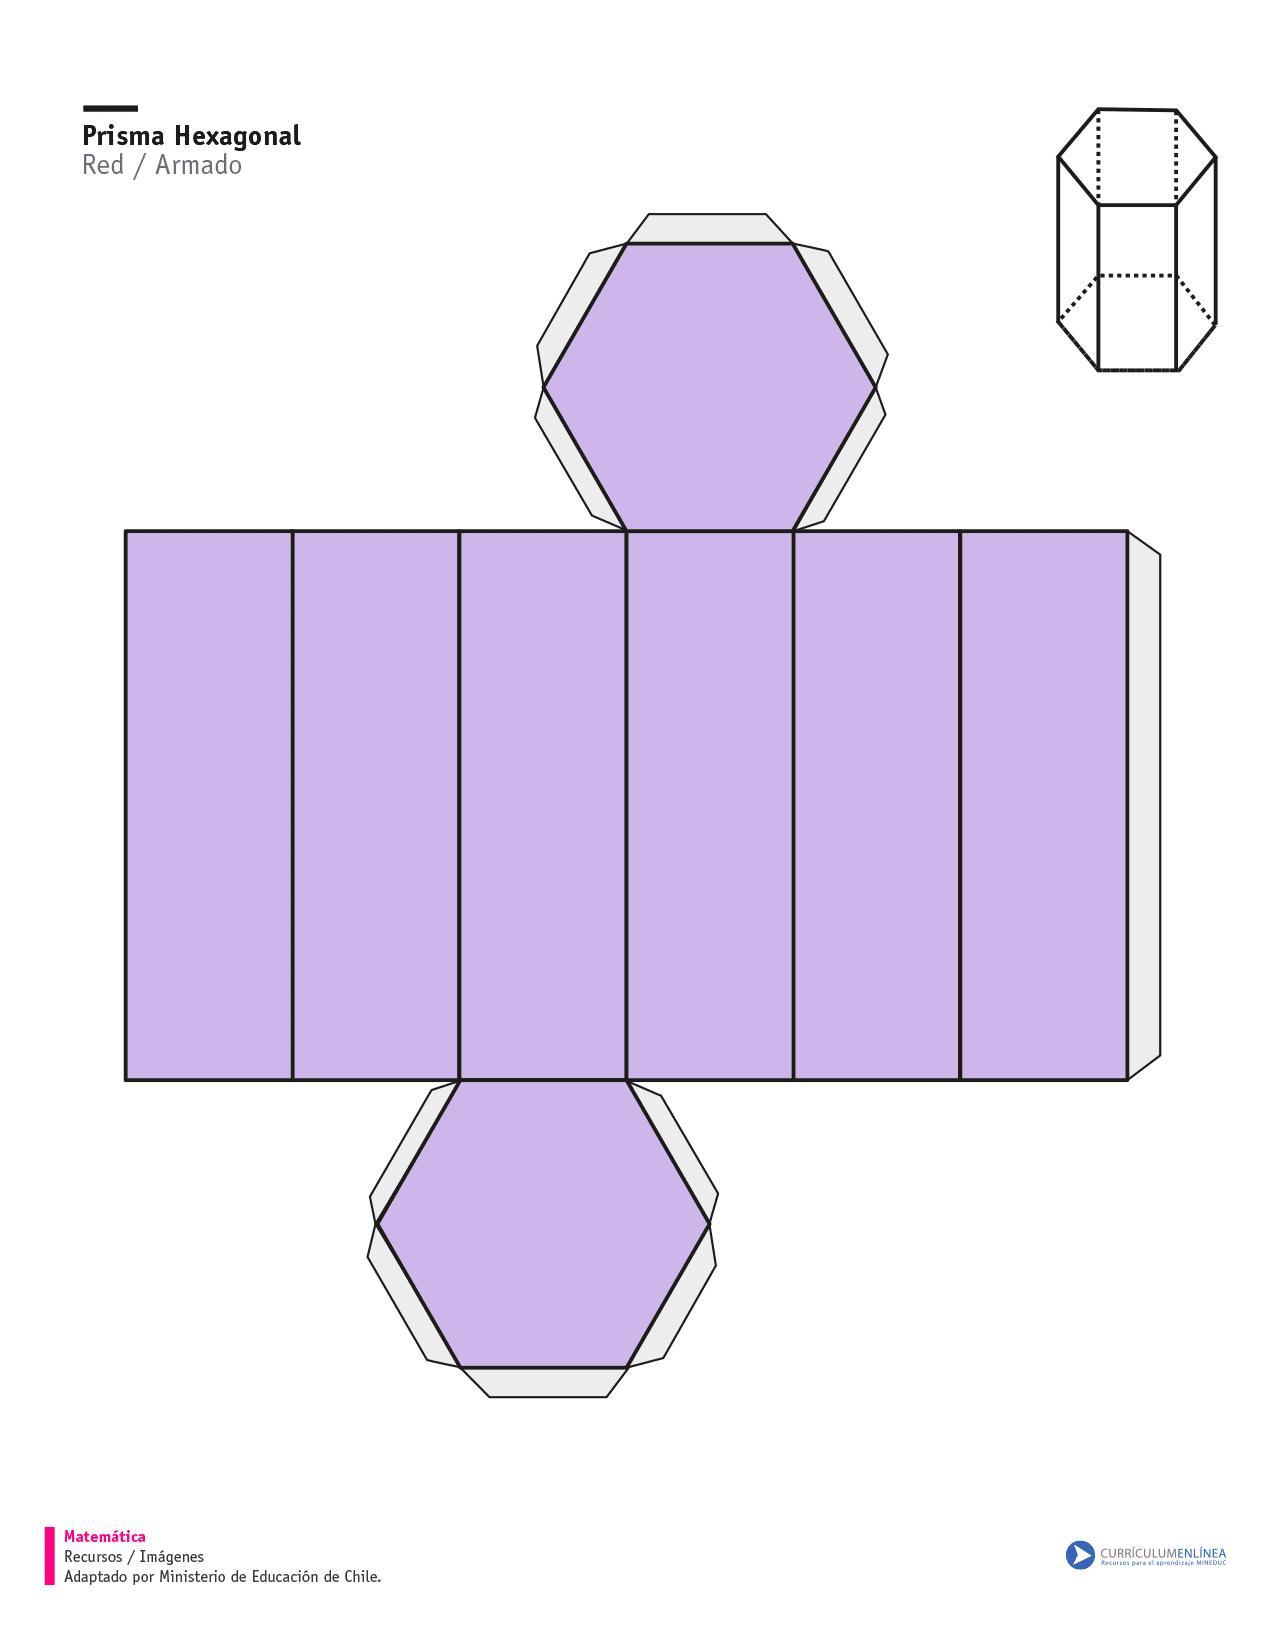 Red Bases For Living Room Decor: Red De Un Prisma Regular De Base Hexagonal